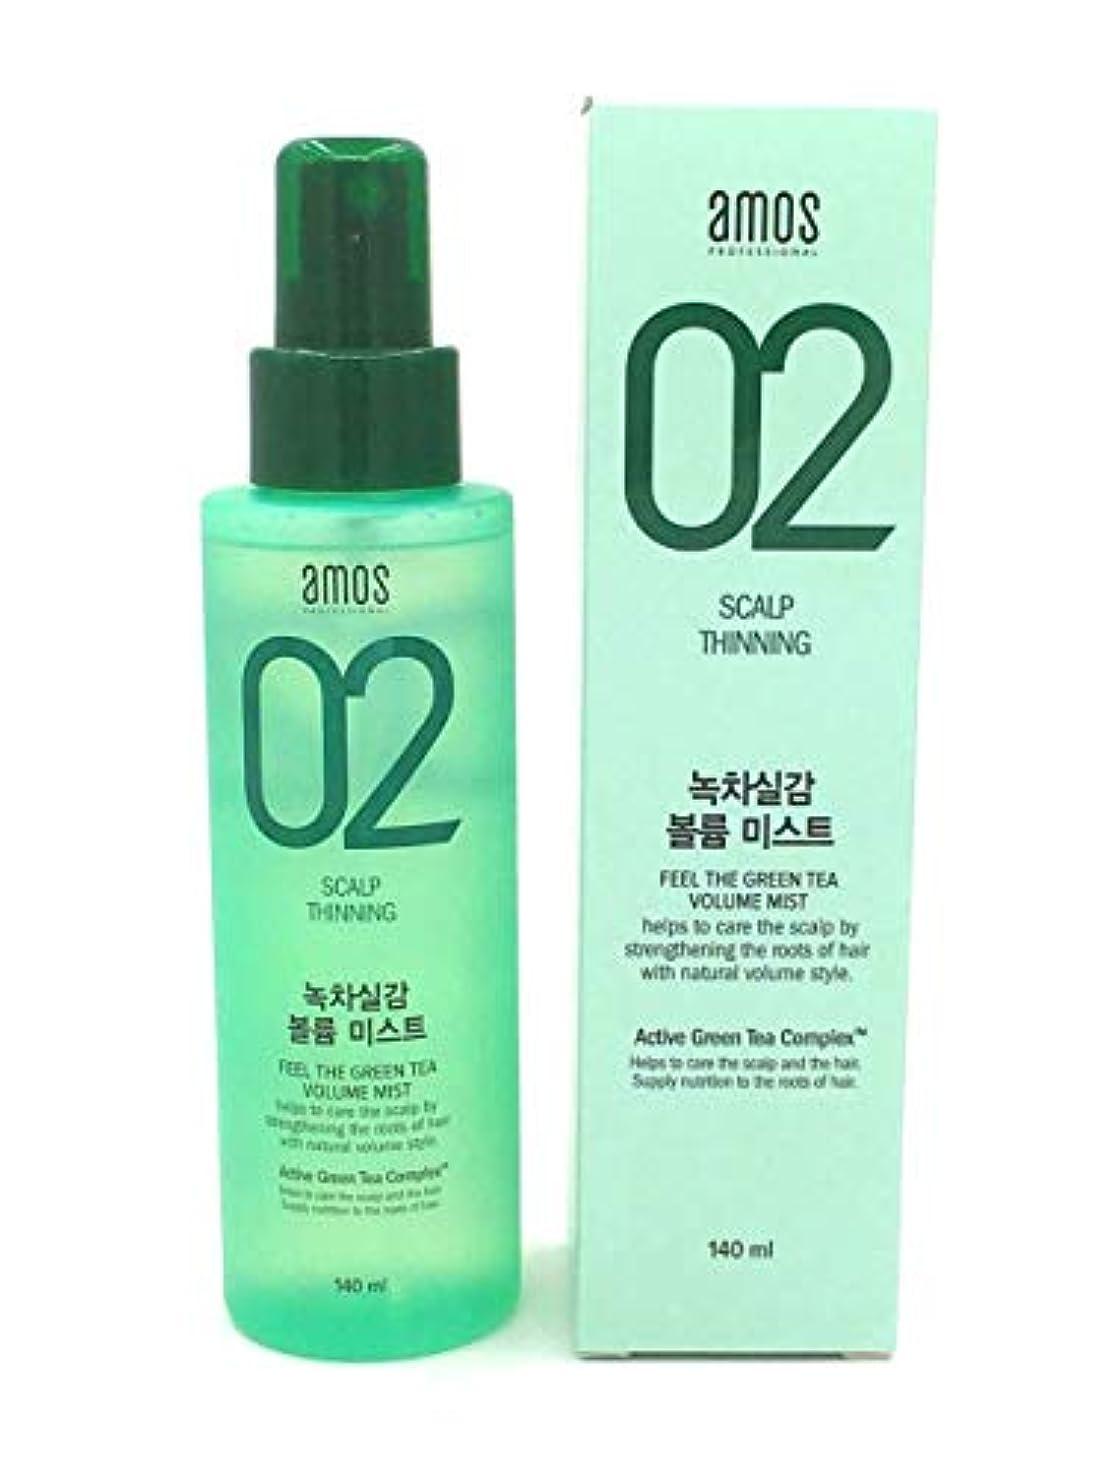 ゆるくつらい即席[Hi Korean Fashion] アモススカルプ02フィーリングザグリーンティーボリュームミスト140ml 抗脱毛治療 自然な髪を作り 健康な頭皮環境を作り